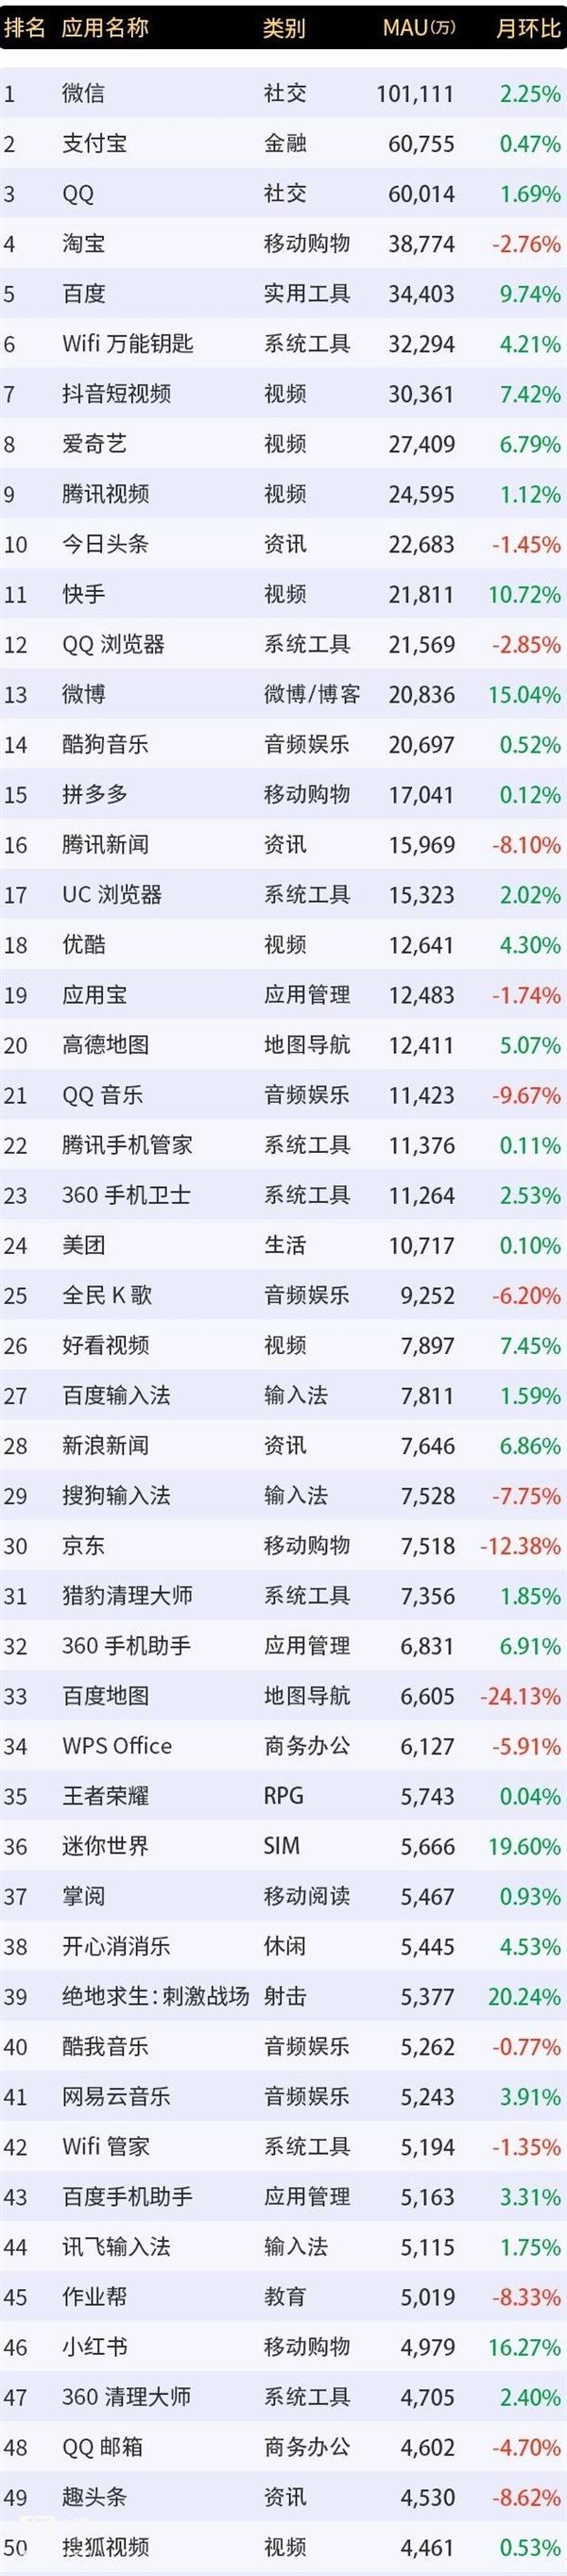 微信官方公布:月活用户马上突破11亿 原创 第2张